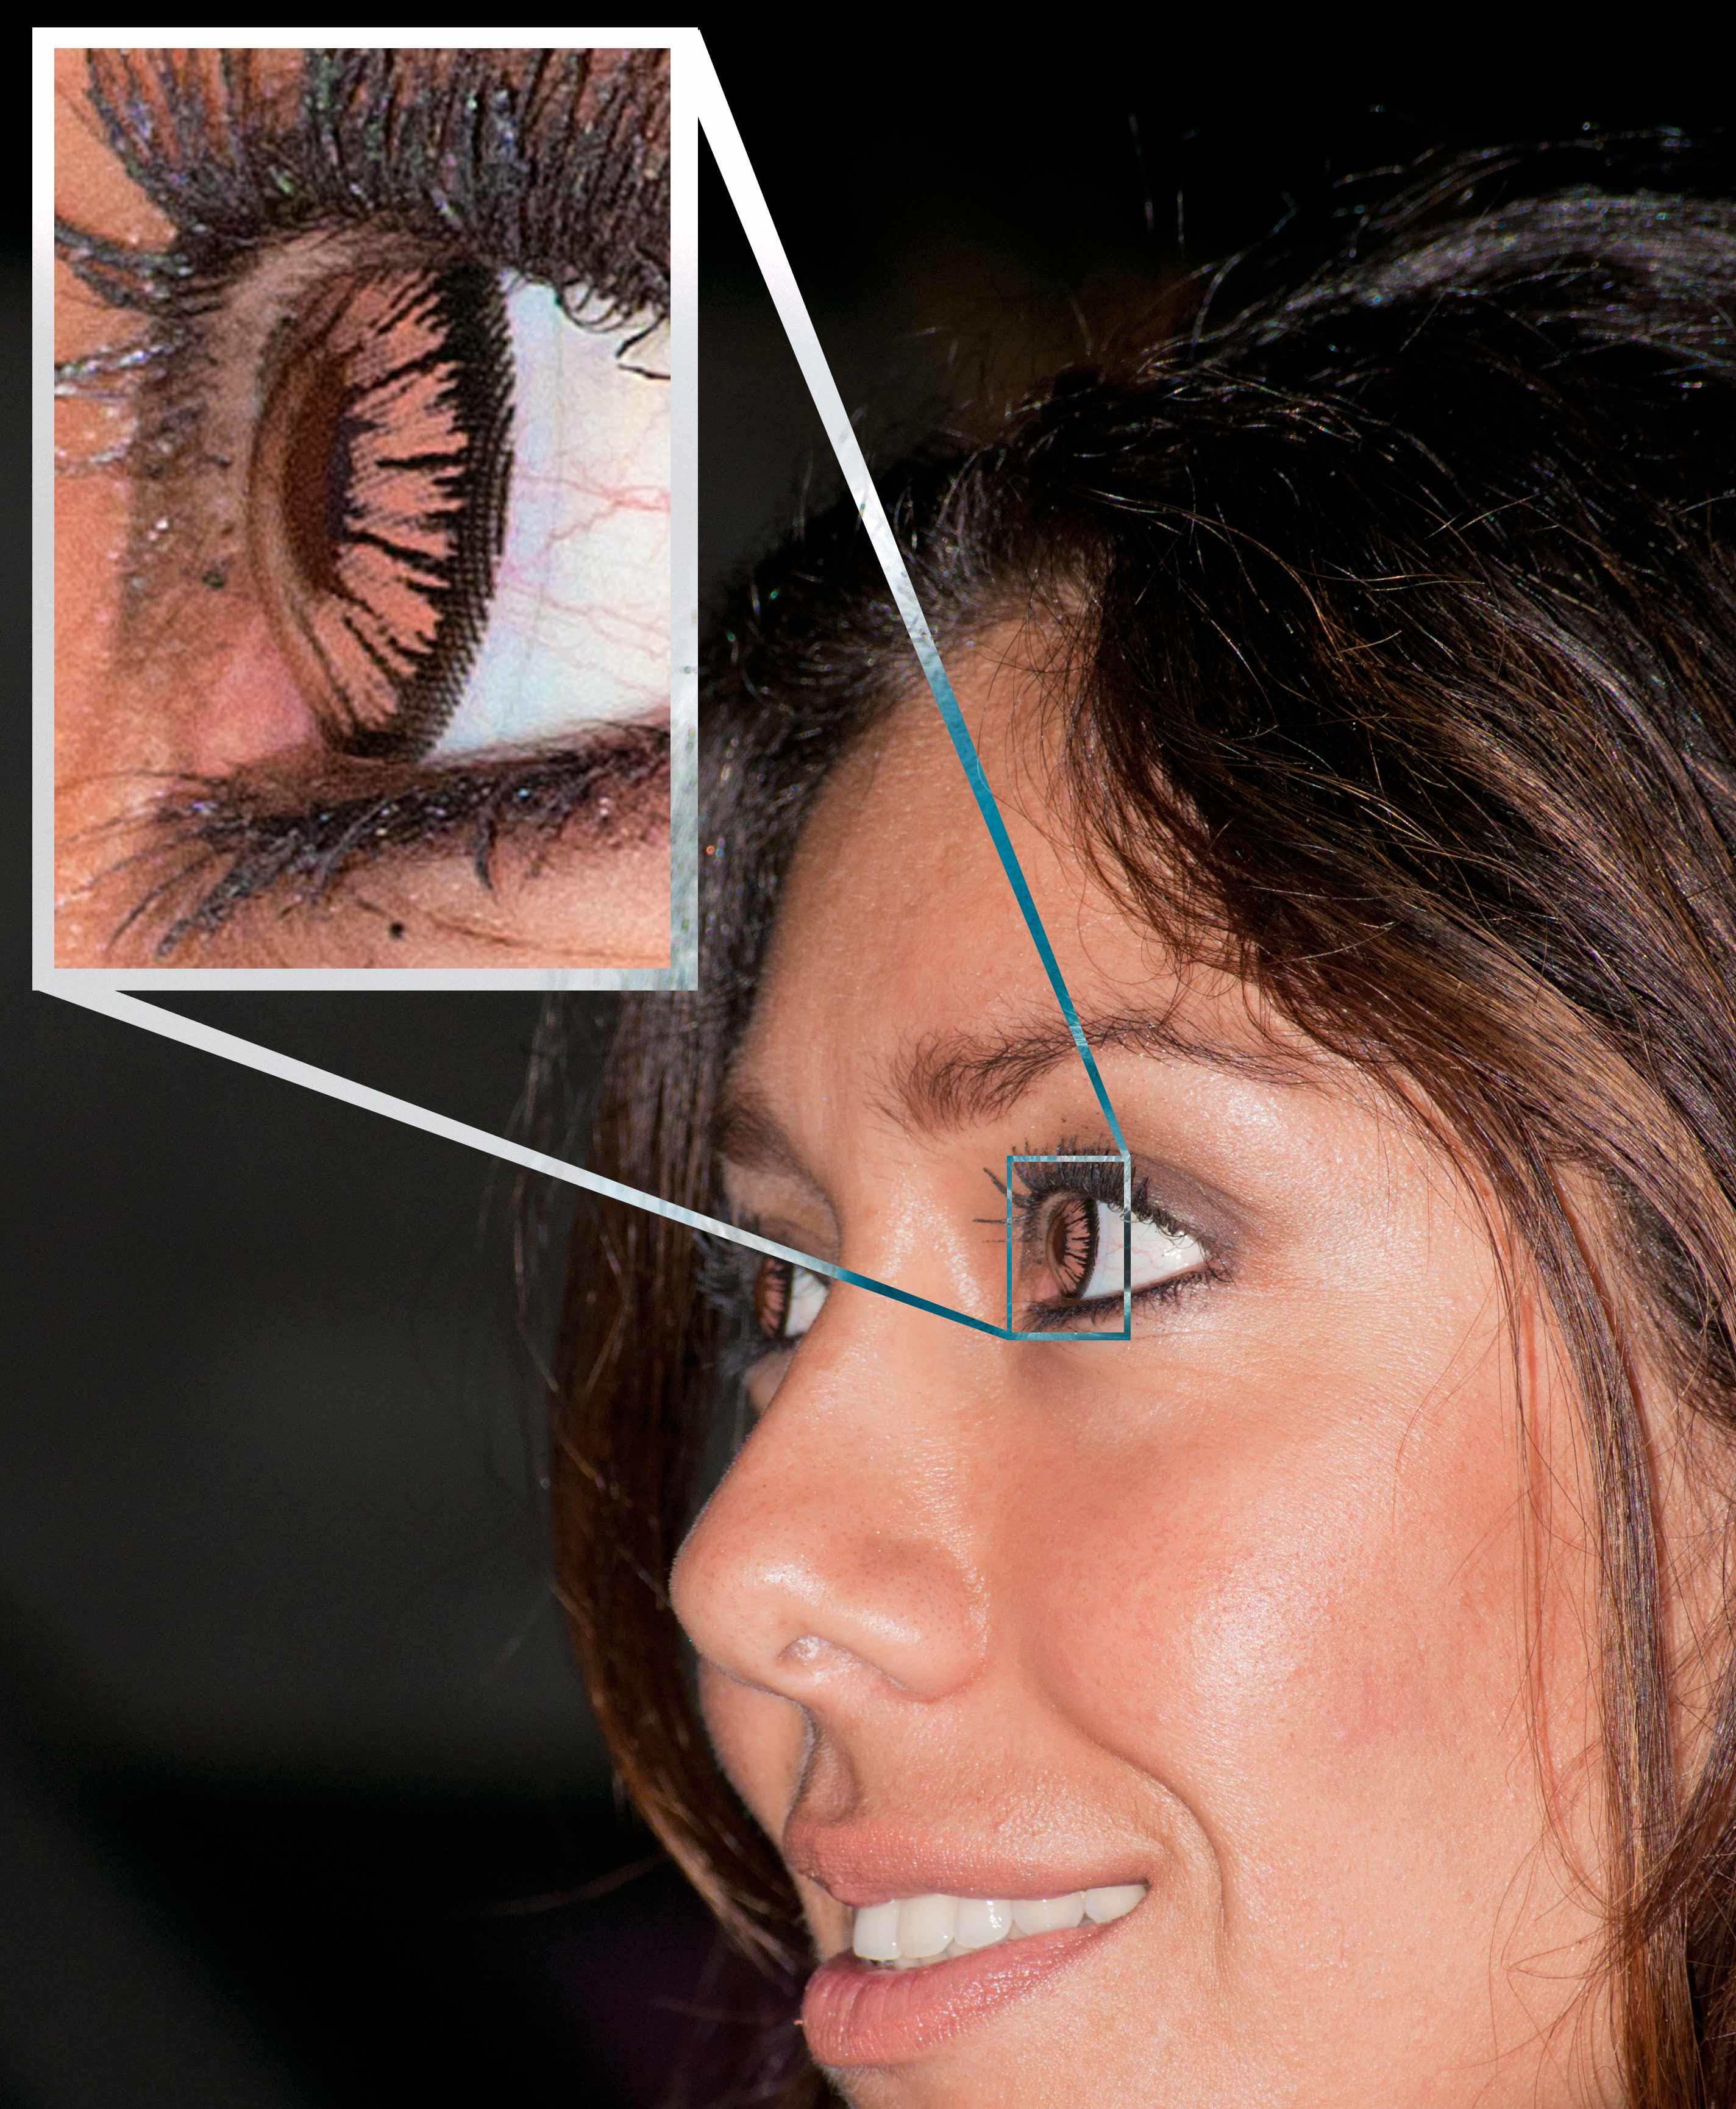 Ceguera nocturna de una sola vez en un ojo - Cuidado de los Ojos